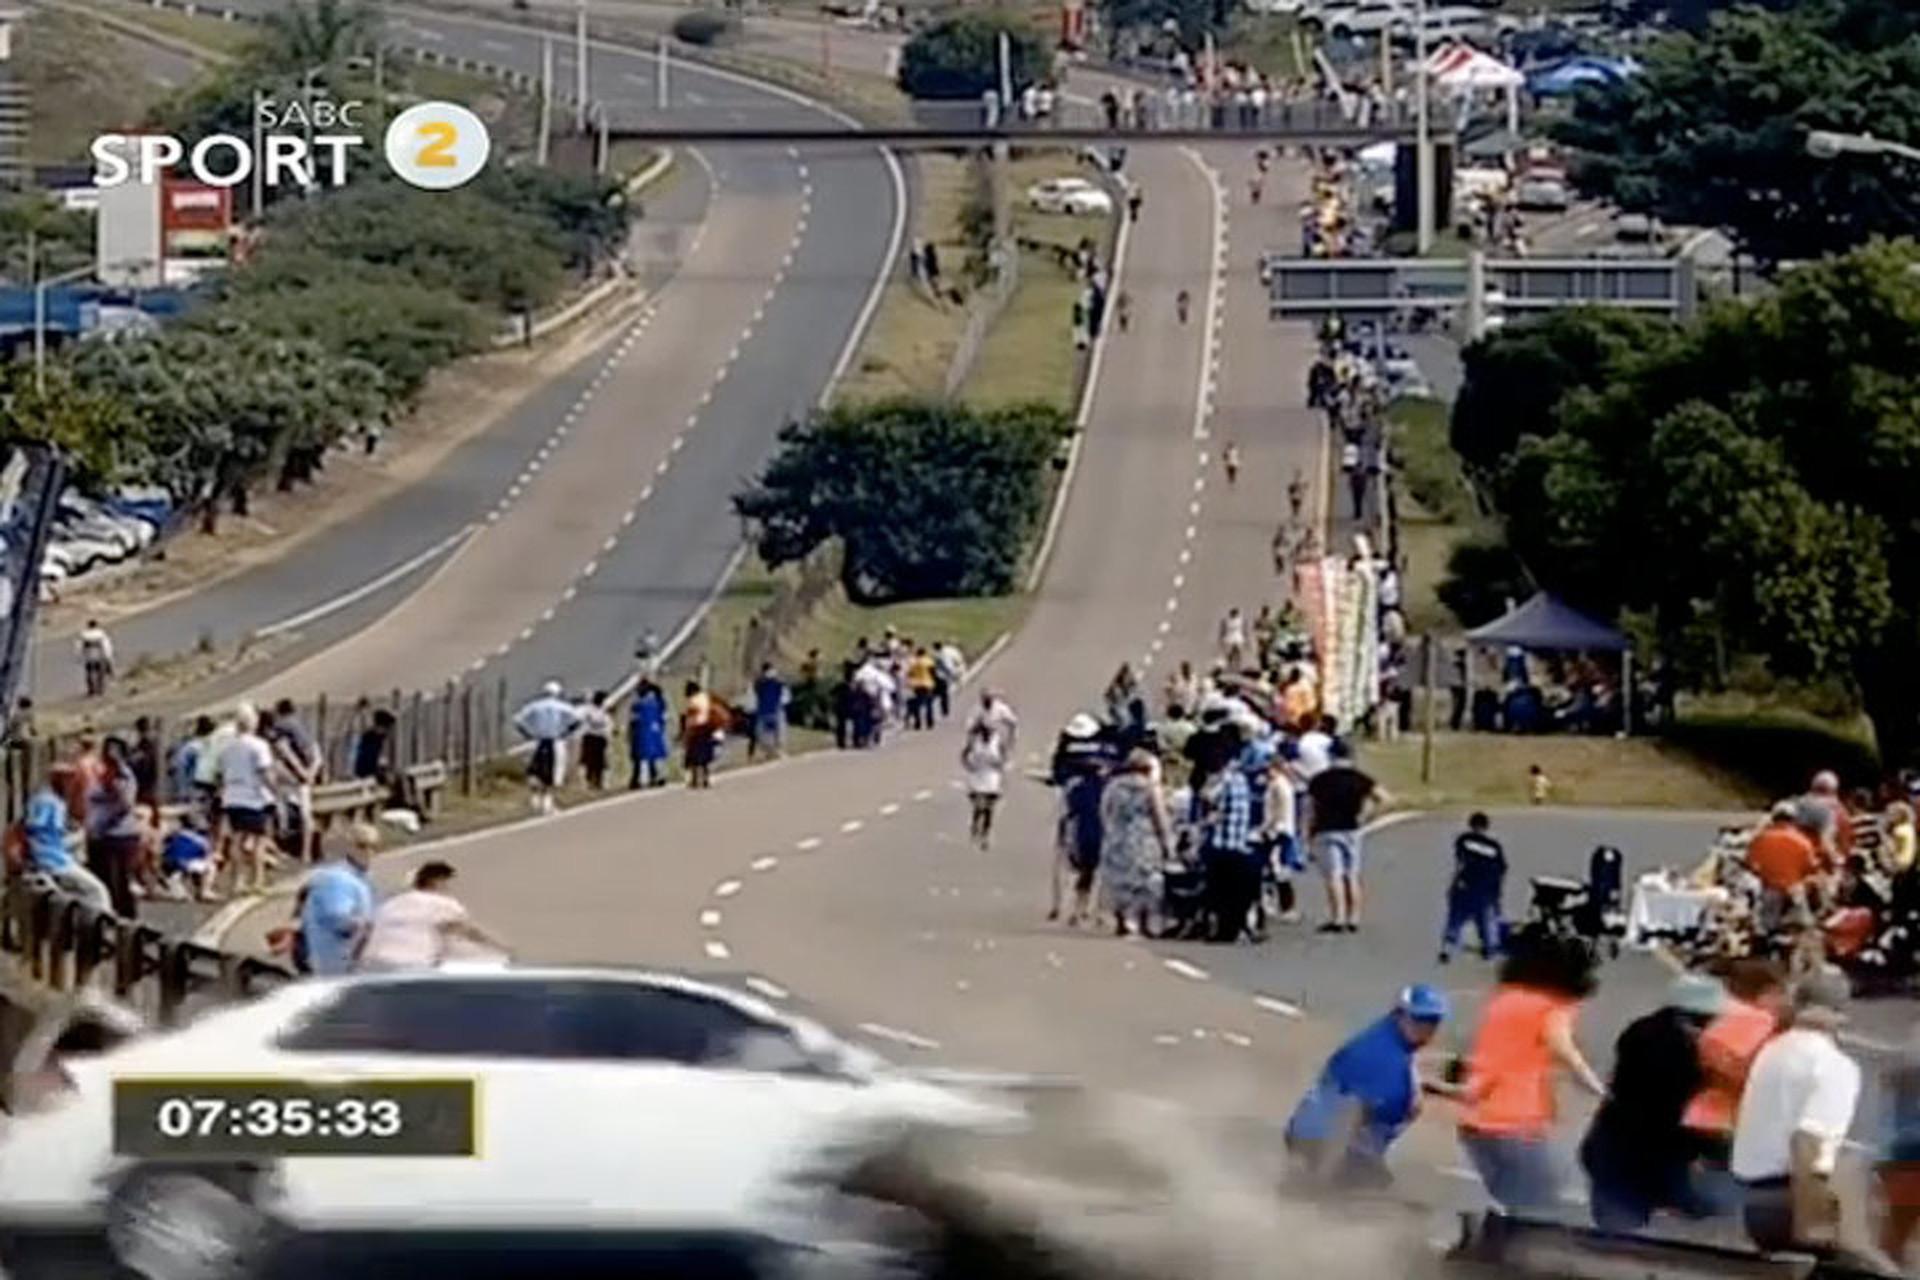 A Car Made a Surprise Appearance During an Ultramarathon